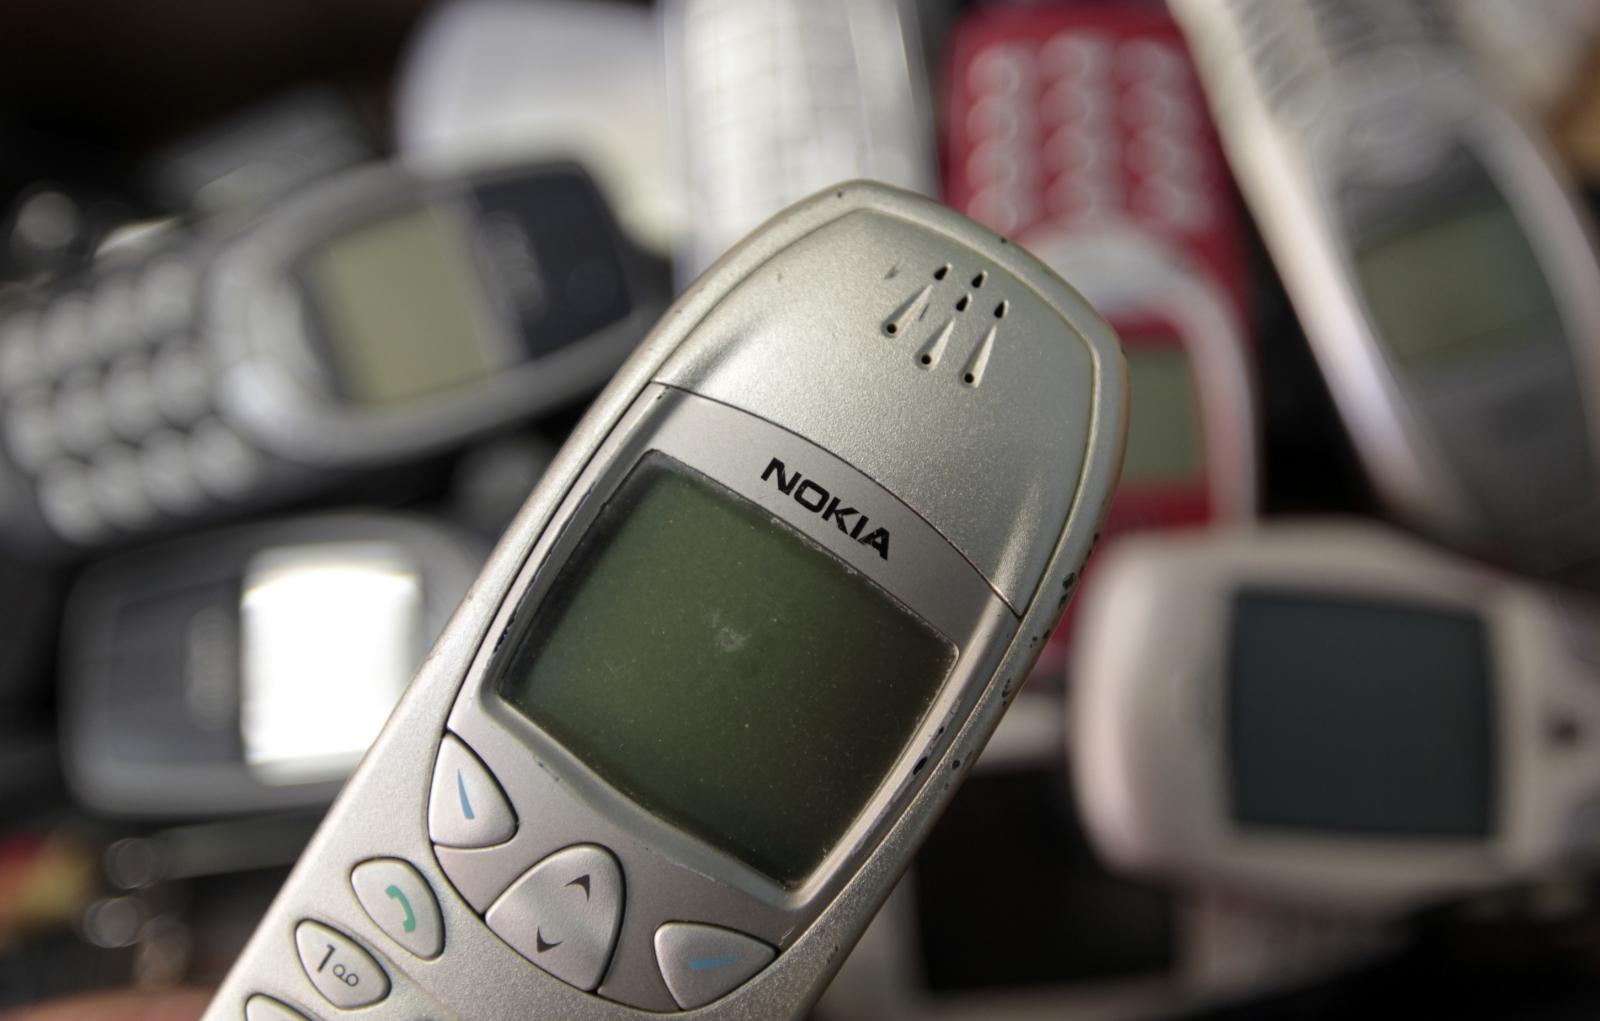 Nokia 3310 specs leaked